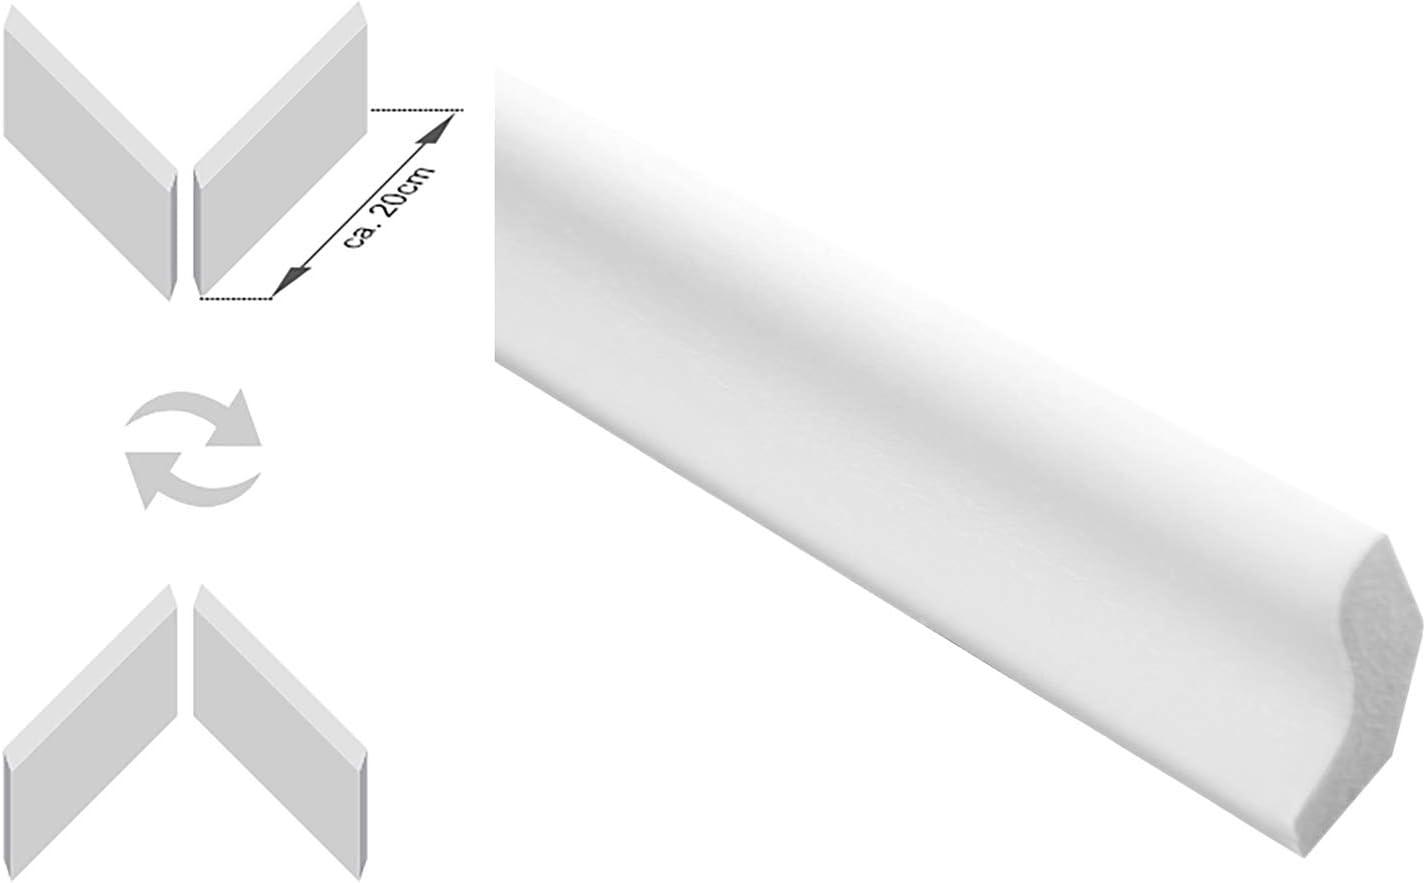 SPARPAKET 2,3lfm Vorsatzleiste Deck- Abschluss- Sockelleiste Eiche LACK 20x15x2300mm 1 St/ück